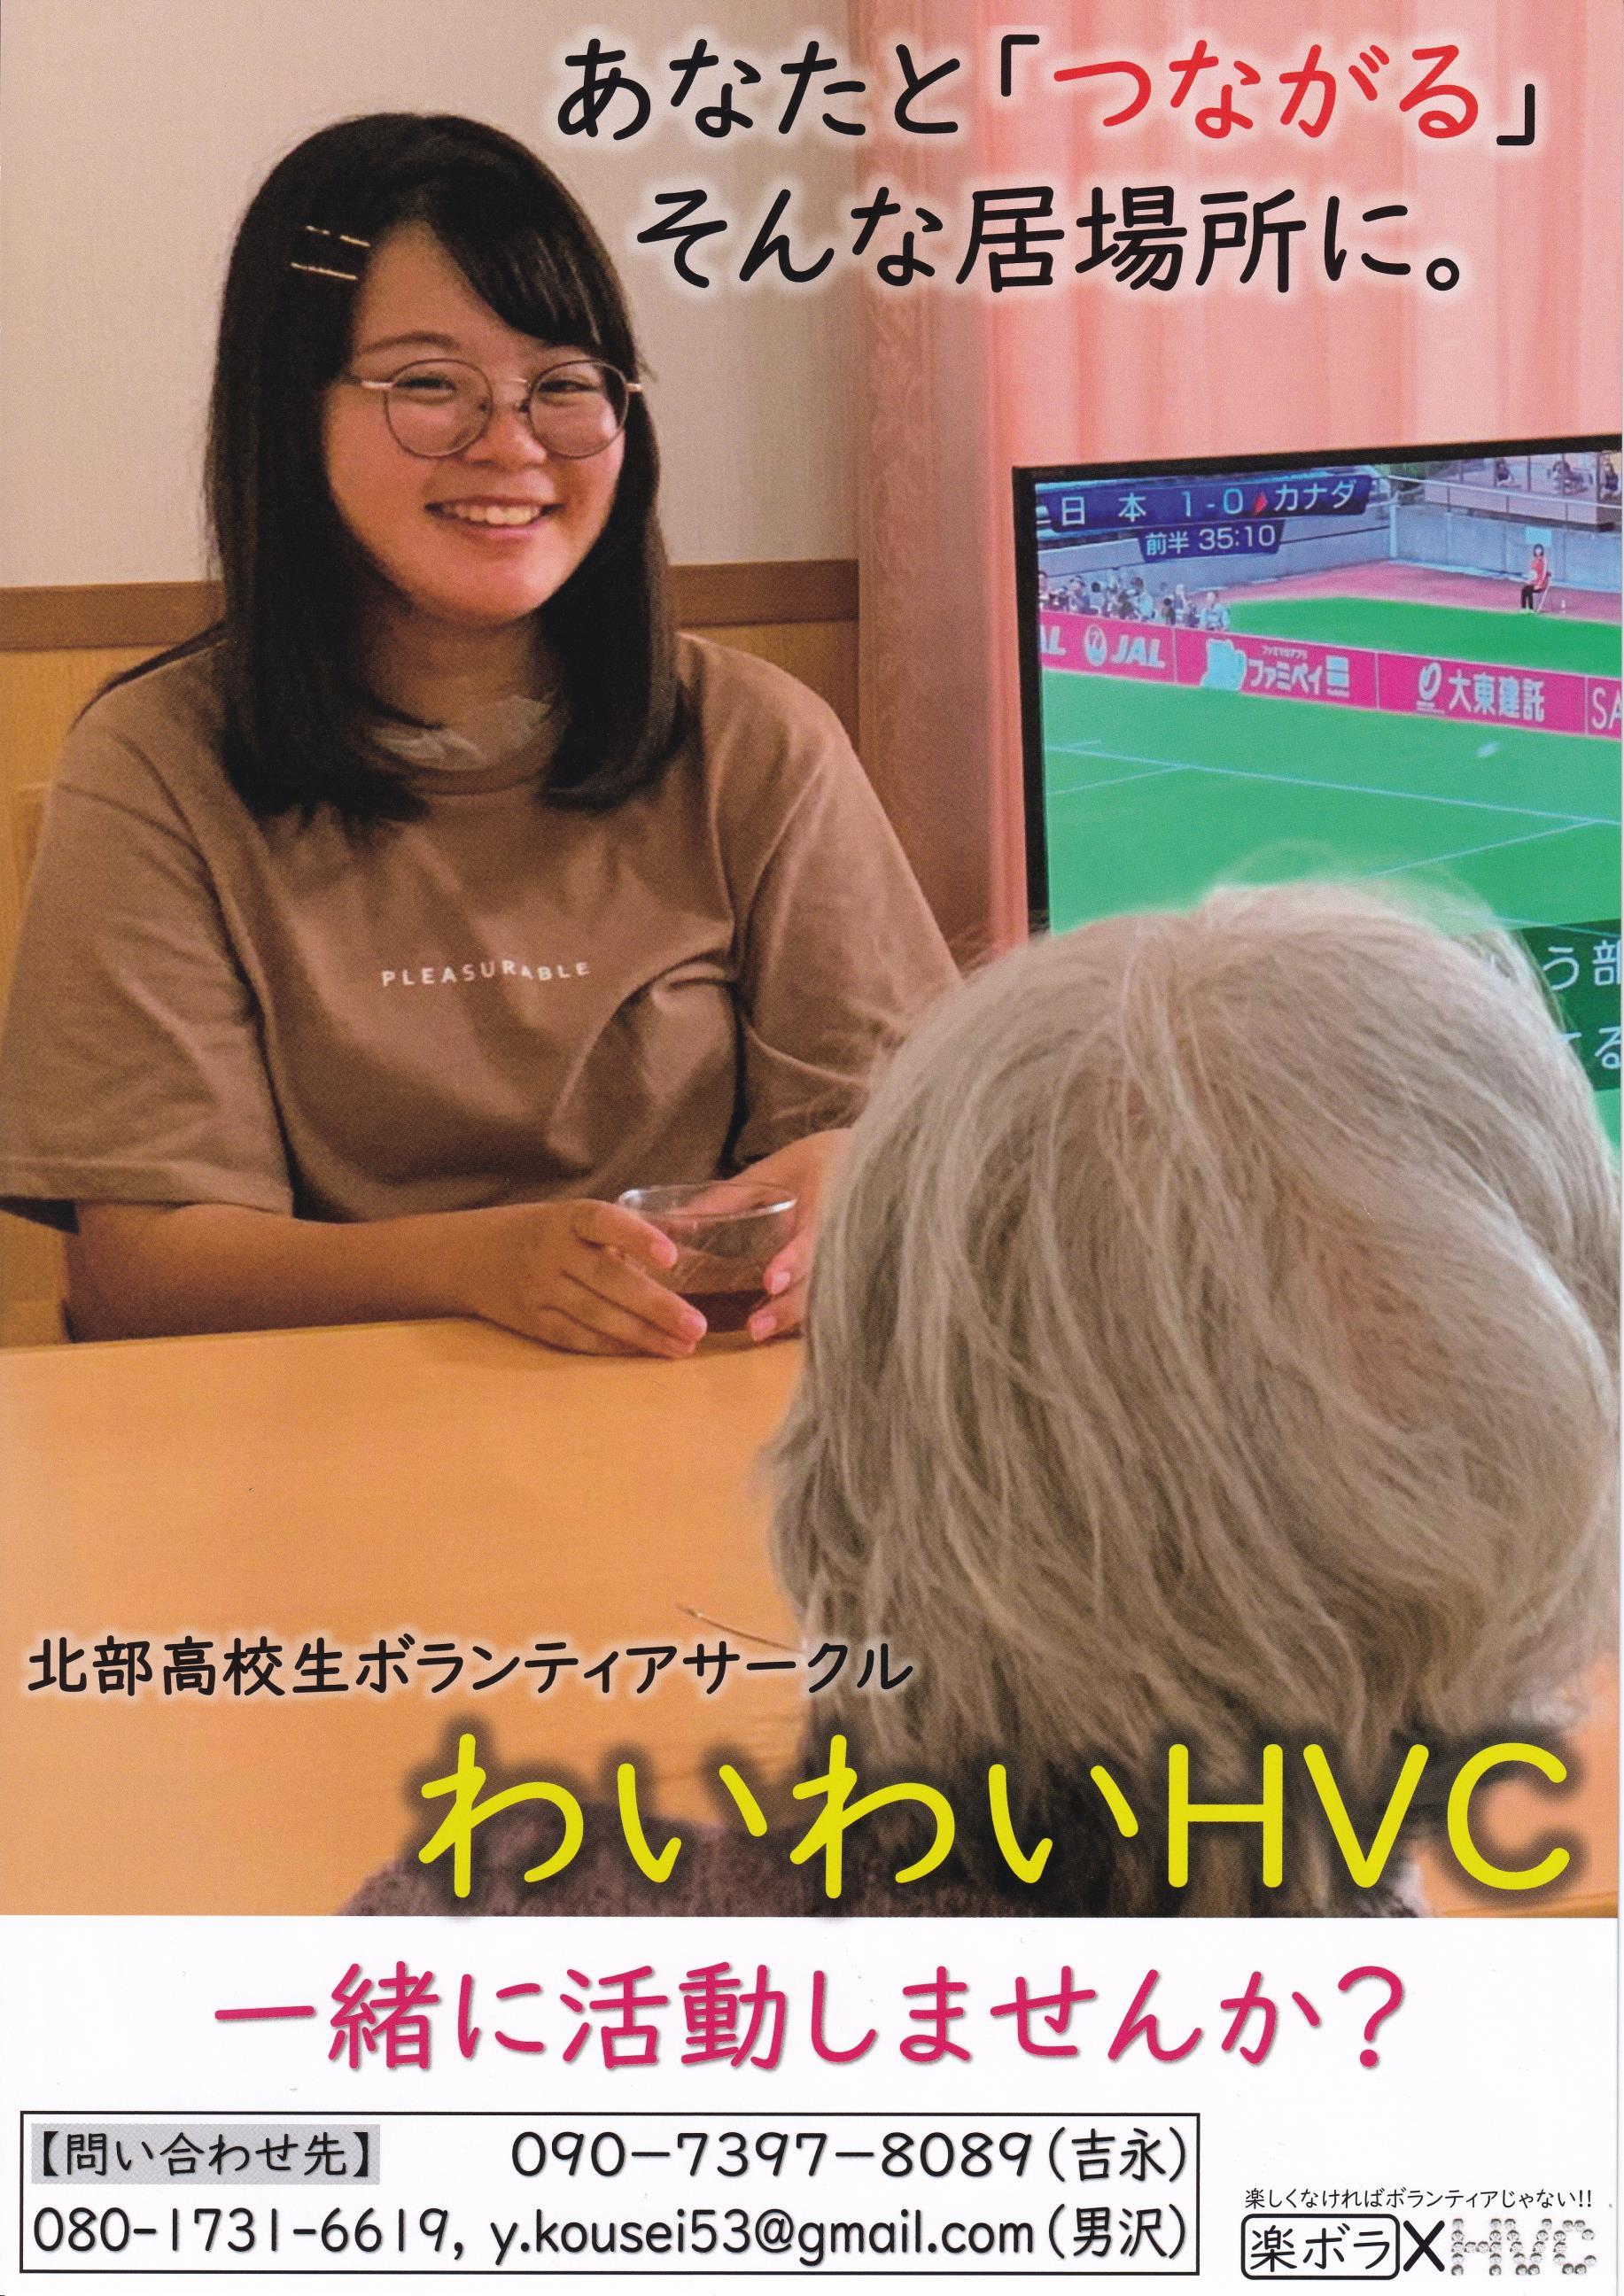 わいわいHVC(表)